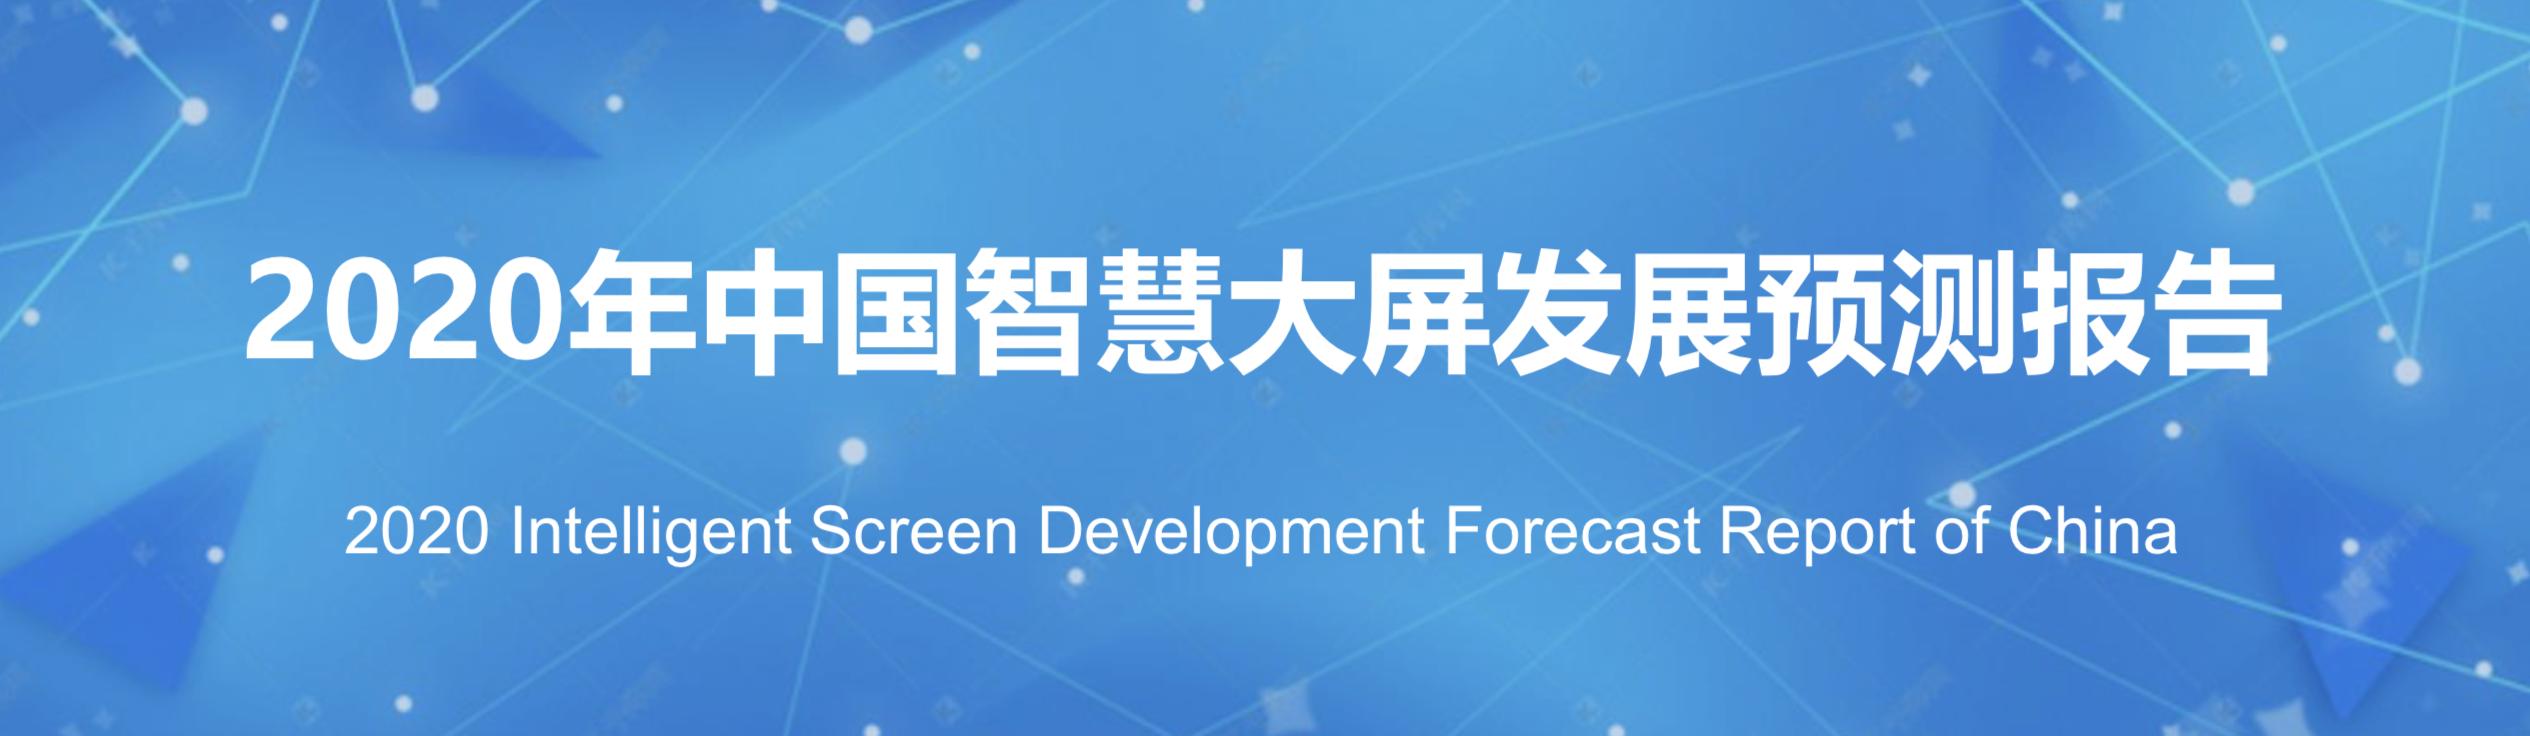 """解读智慧大屏""""场景年""""六大产业关注问题——奥维互娱发布《2020年中国智慧大屏发展预测报告》"""